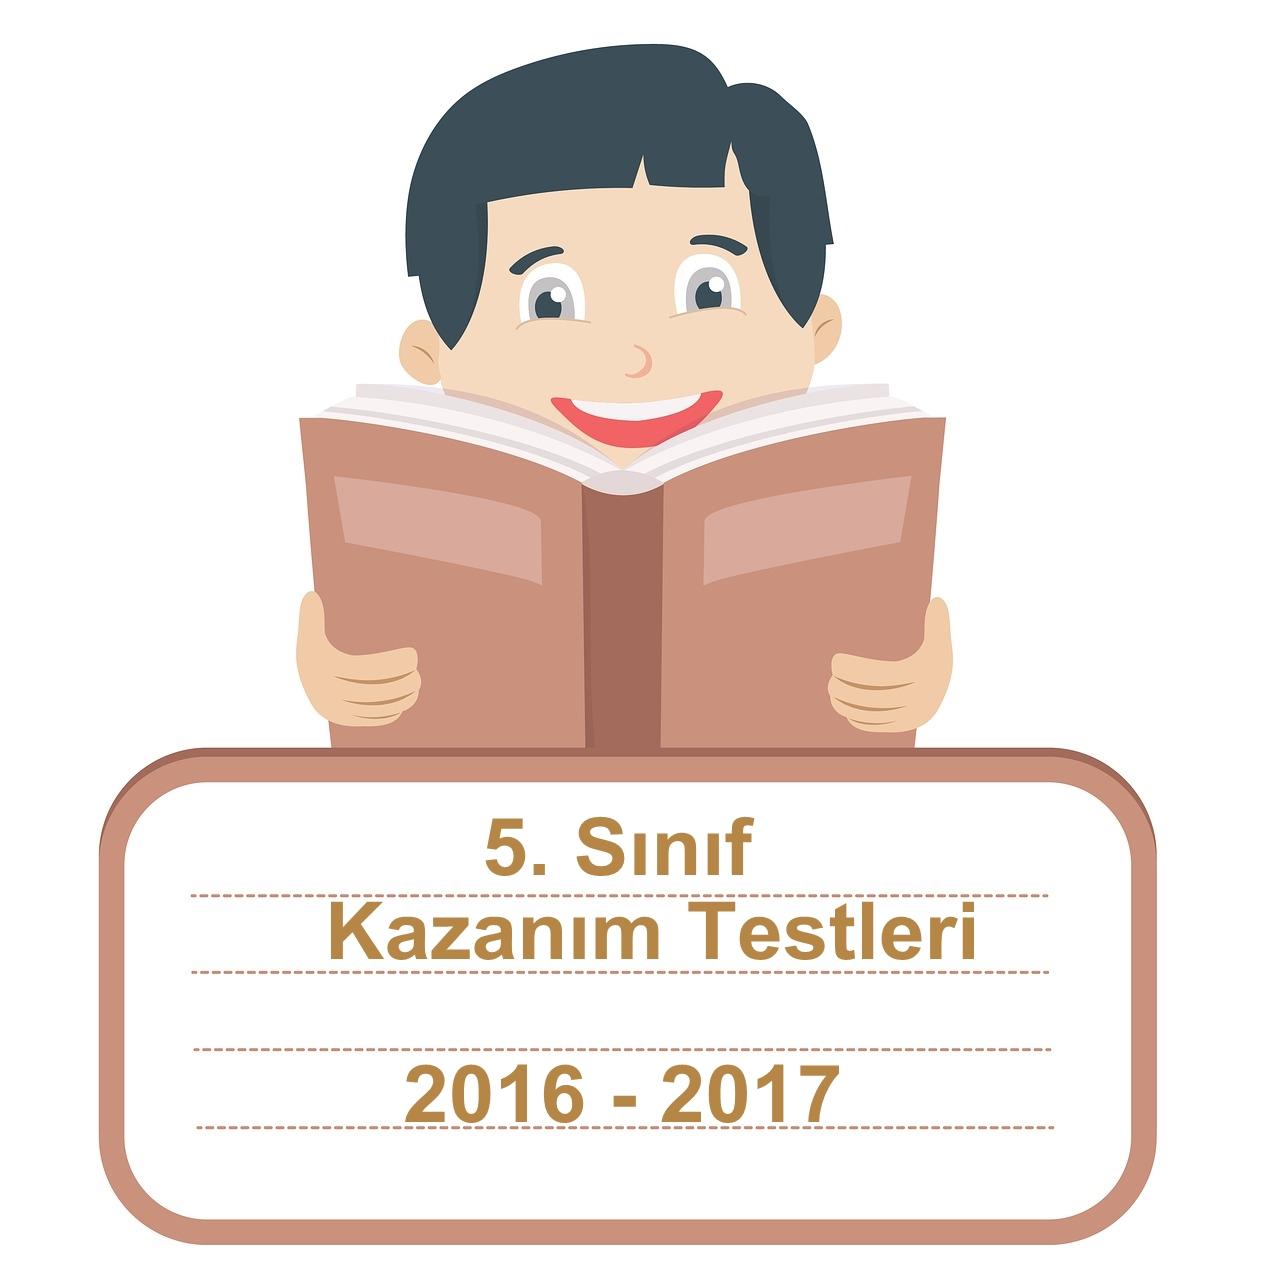 Kazanım Testleri Tüm Yıllar